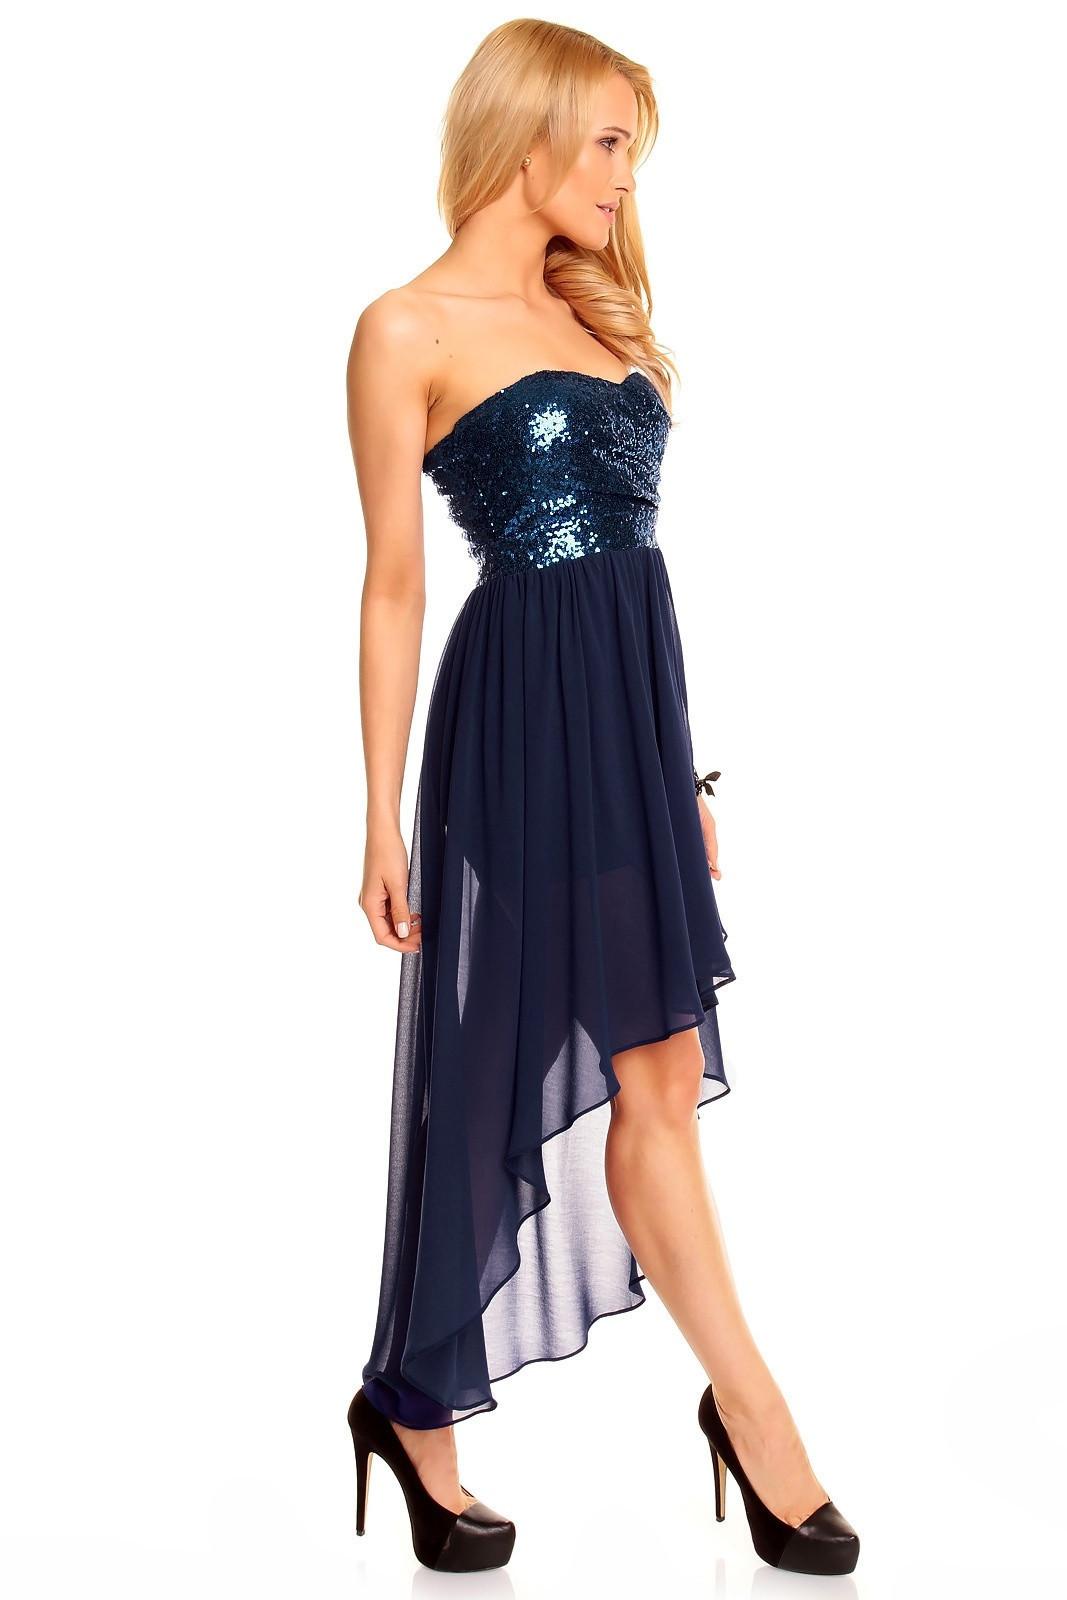 Dámske spoločenské šaty korzetové MAYAADI s asymetrickou sukňou tm. modré - Tmavo modrá - MAYAADI L